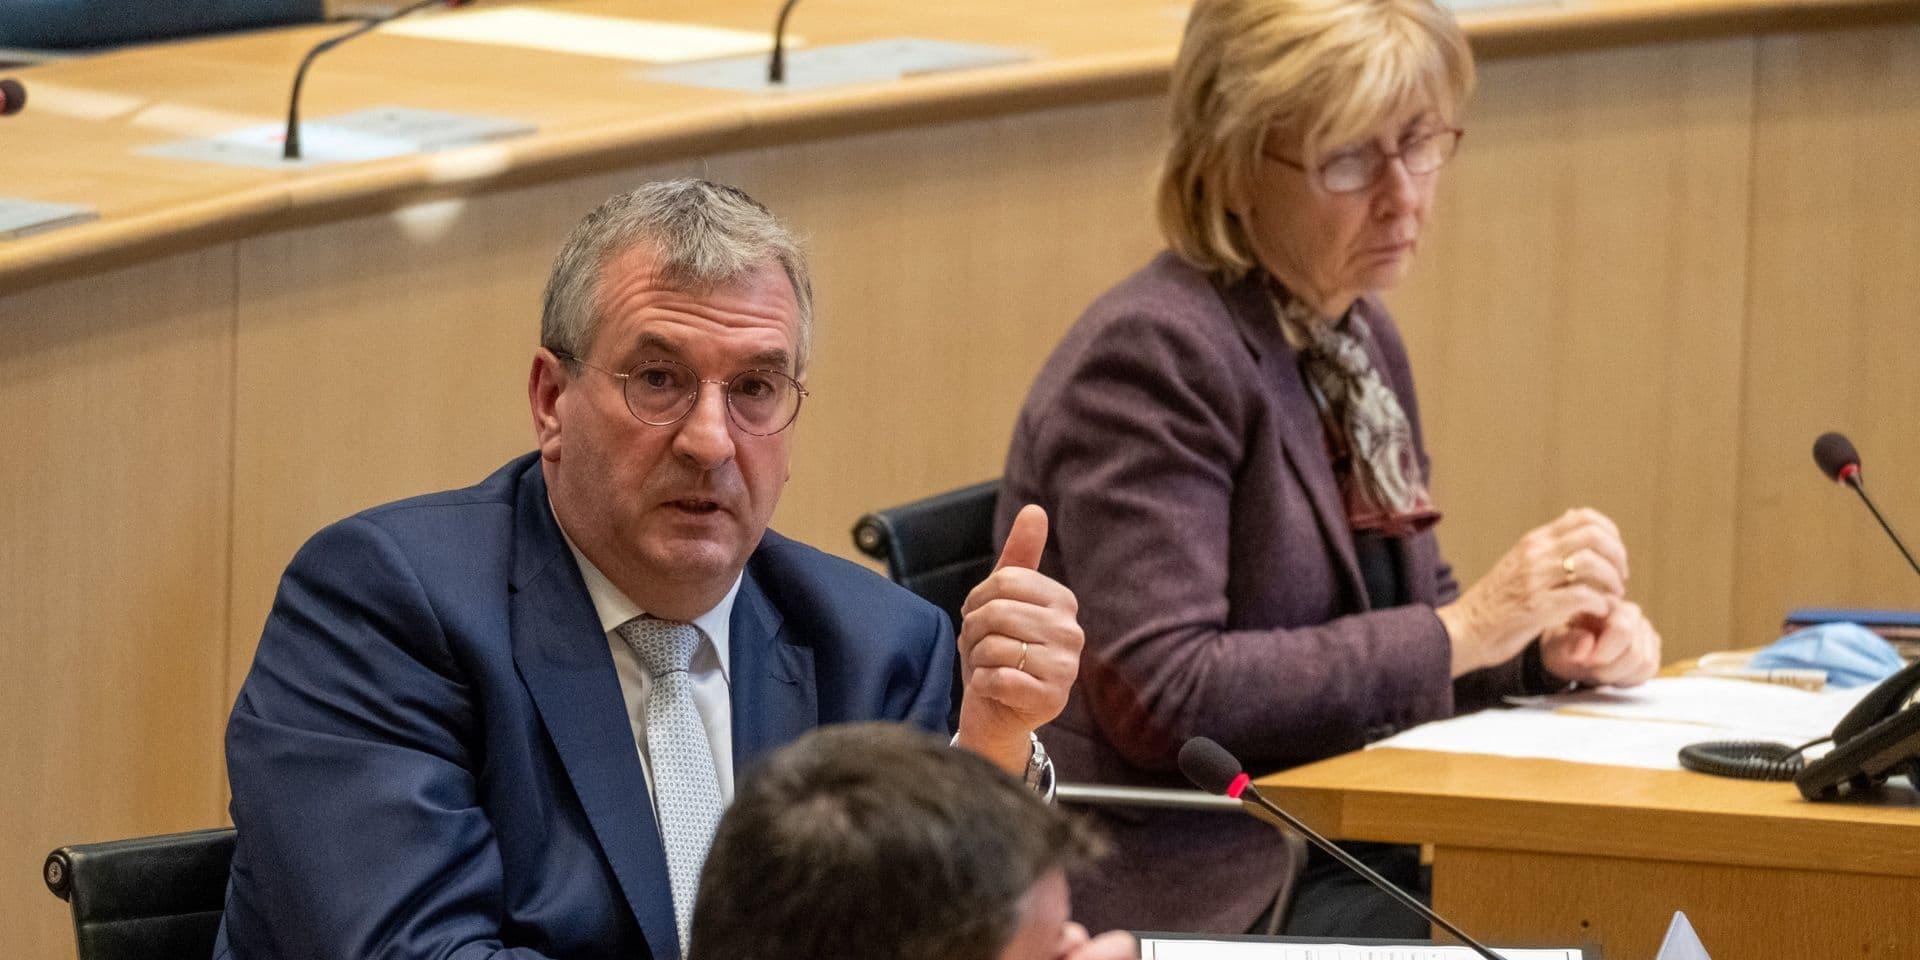 Le Parlement de la Fédération Wallonie-Bruxelles accorde les pouvoirs spéciaux afin de faire face à la deuxième vague de Covid